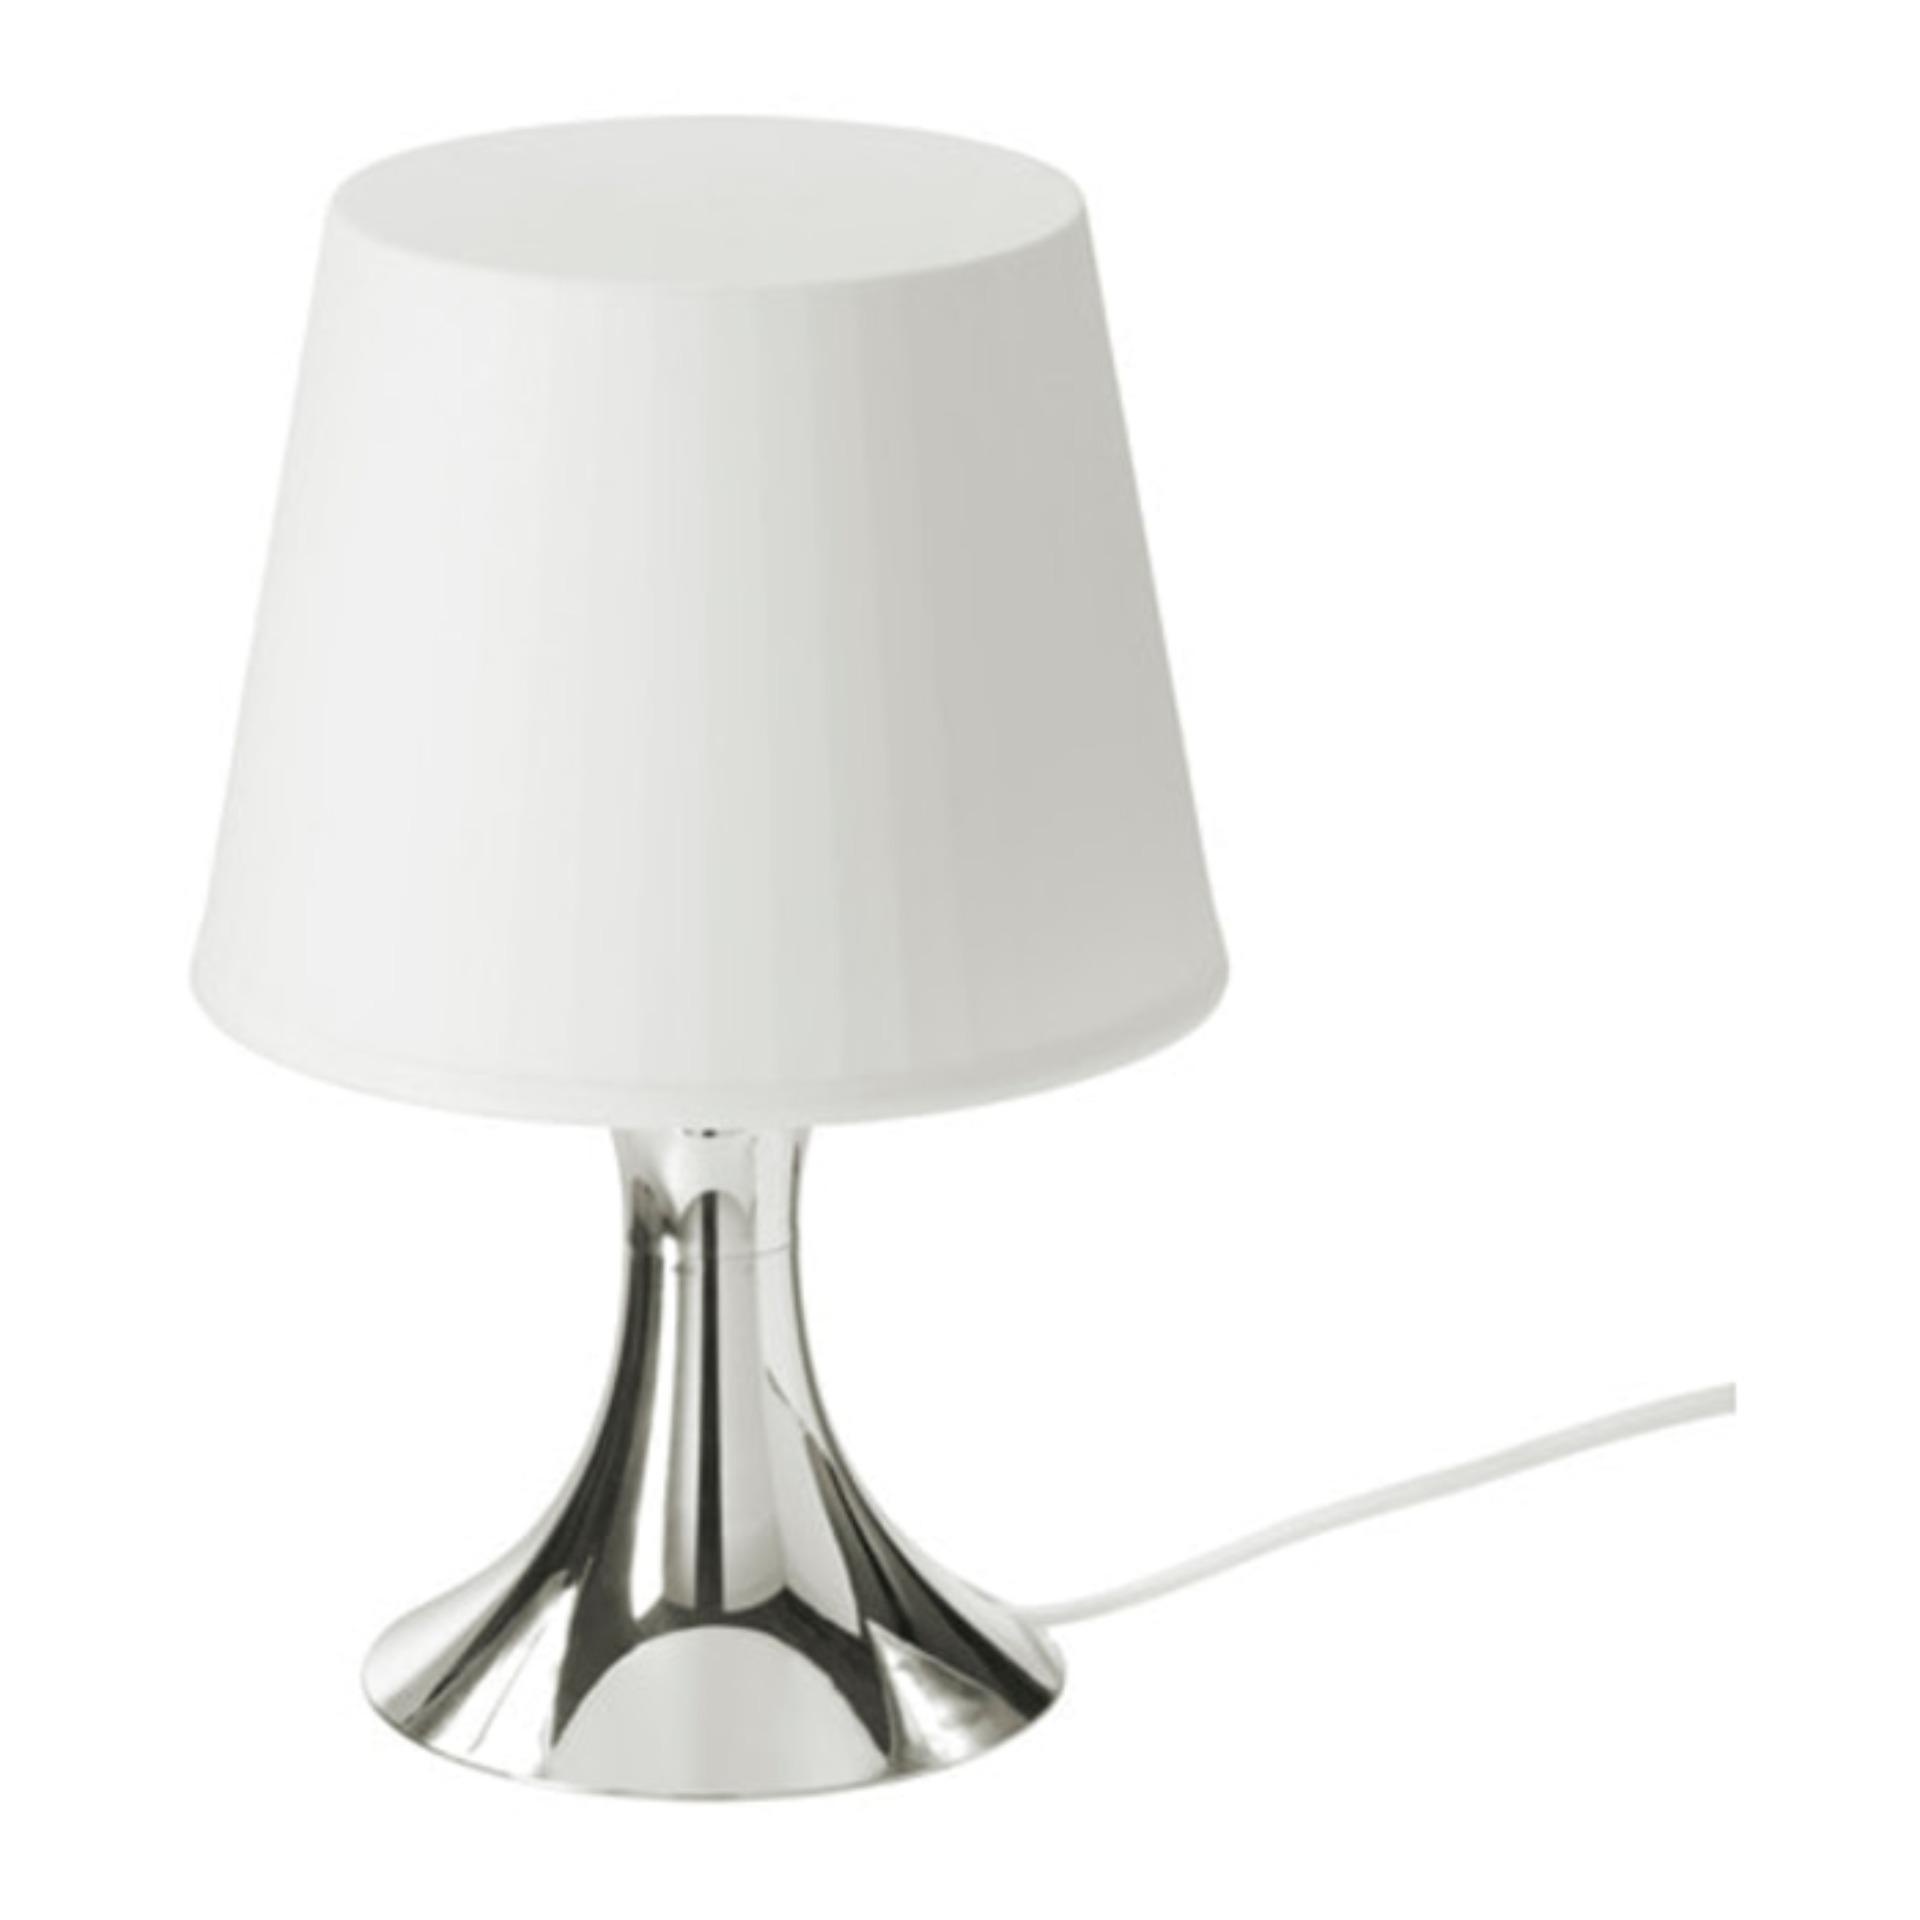 BELI Lampu Meja Kamar Tidur IKEA Lampan Lampu Ruang Tamu Kamar Set